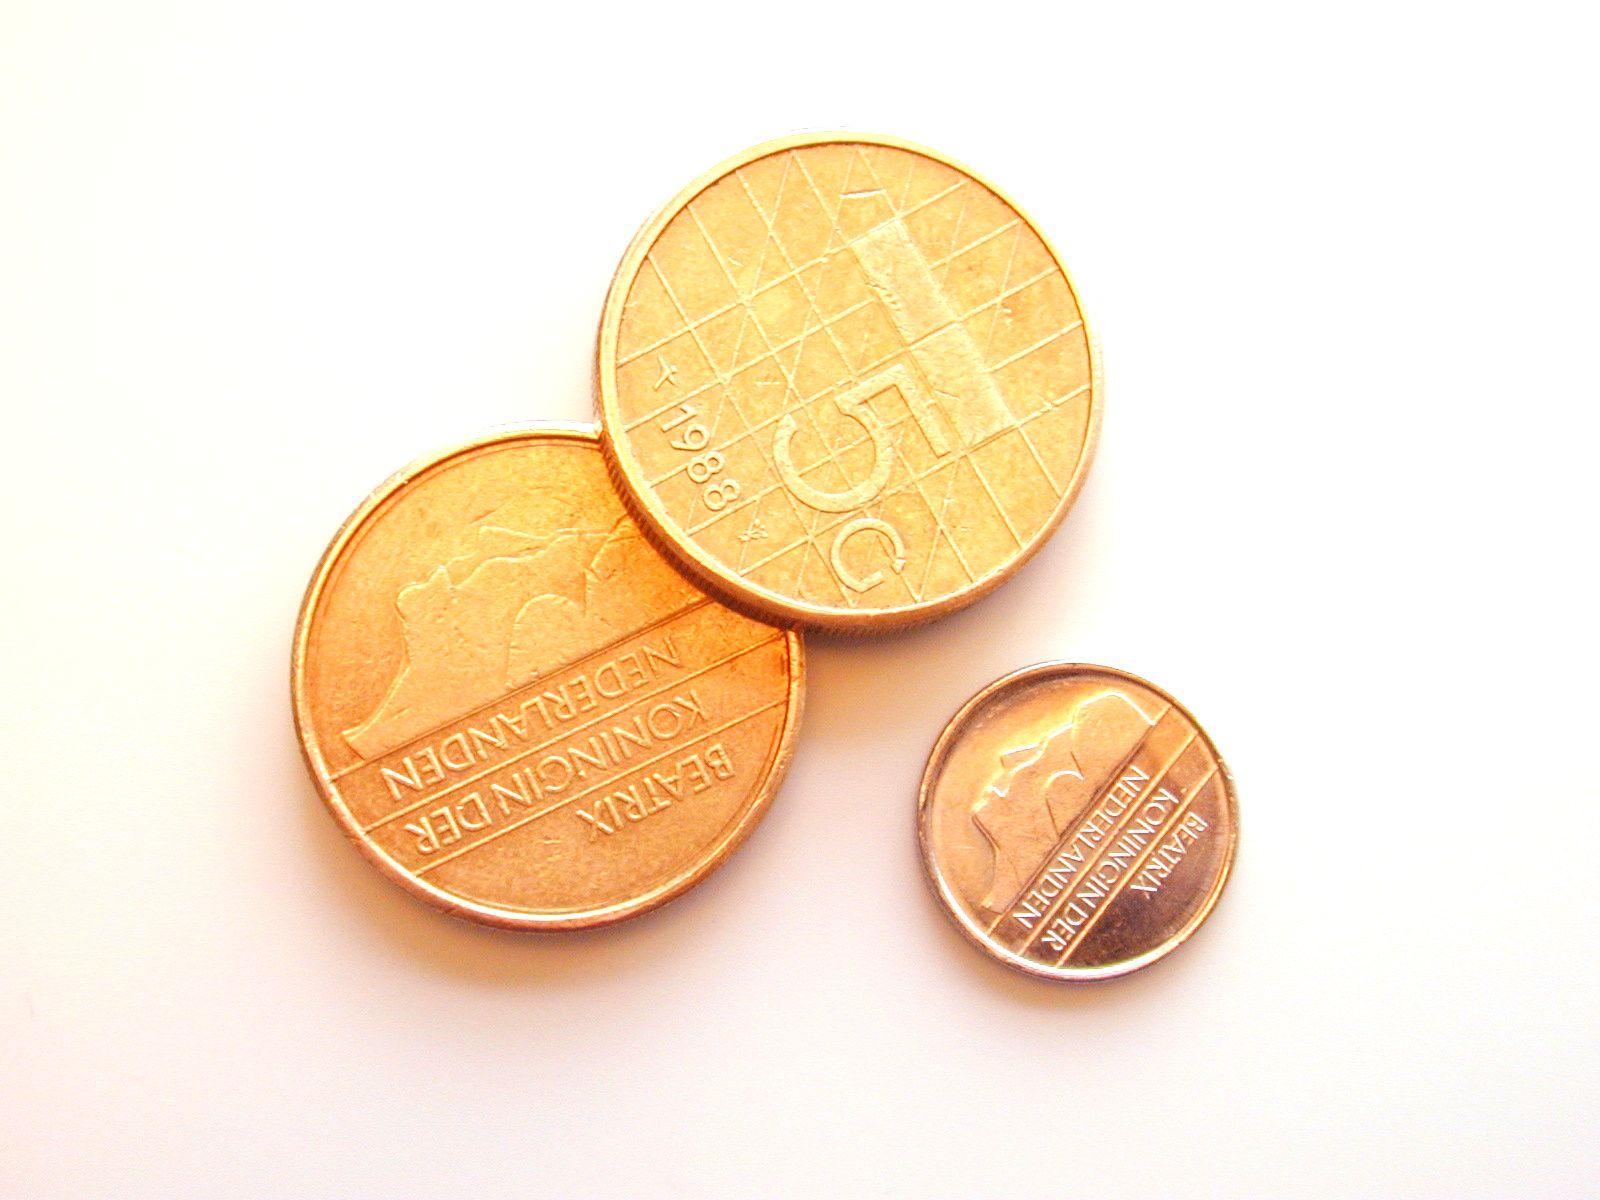 money moneys gold golden dutch old guilder guilders round coin coins